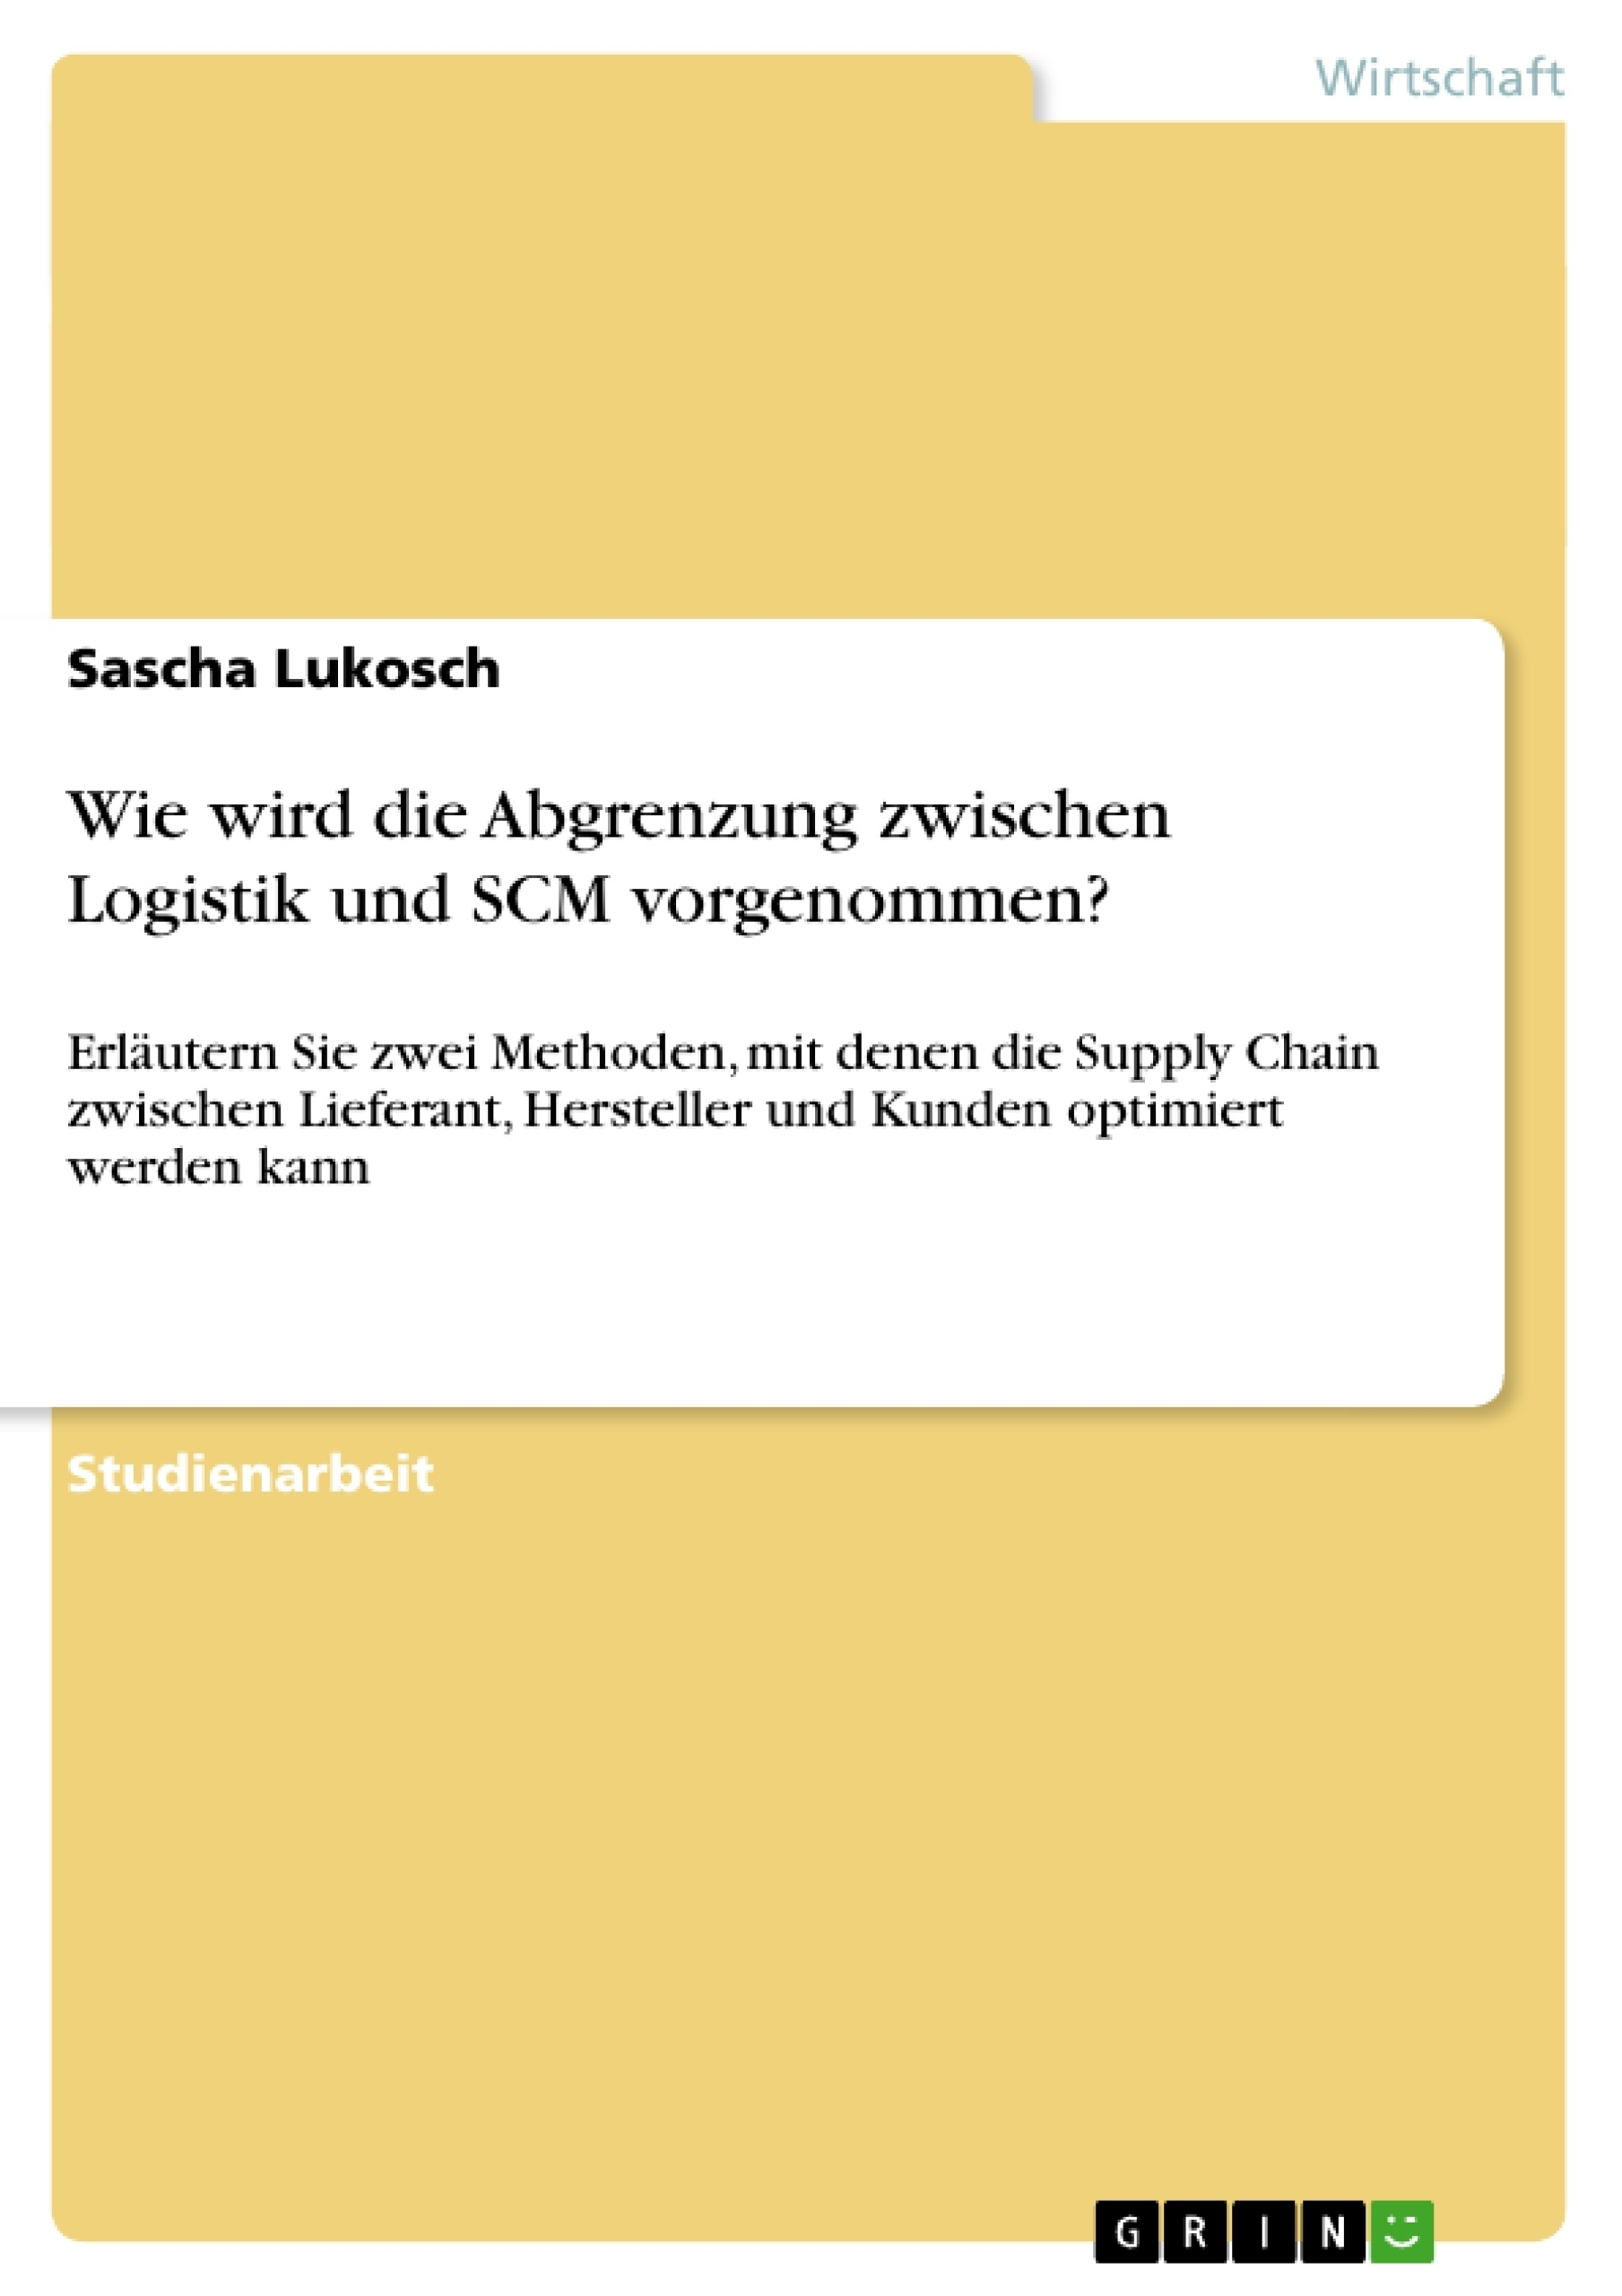 Titel: Wie wird die Abgrenzung zwischen Logistik und SCM vorgenommen?